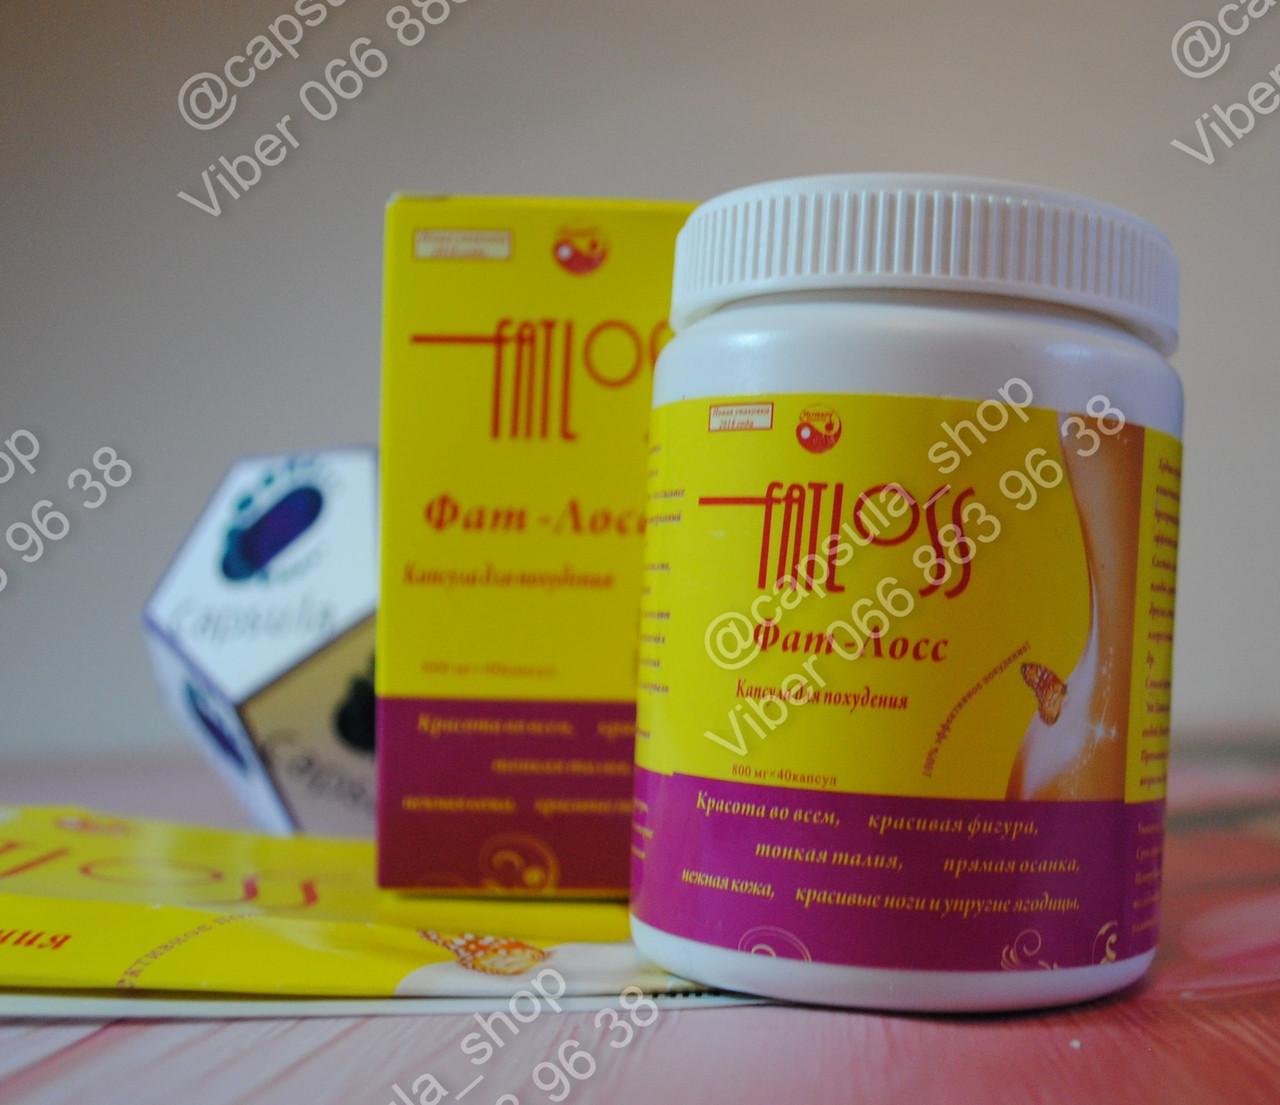 Фат лосс супер препарат для похудения,новинка fat loss,100% результат, от 10 капс..